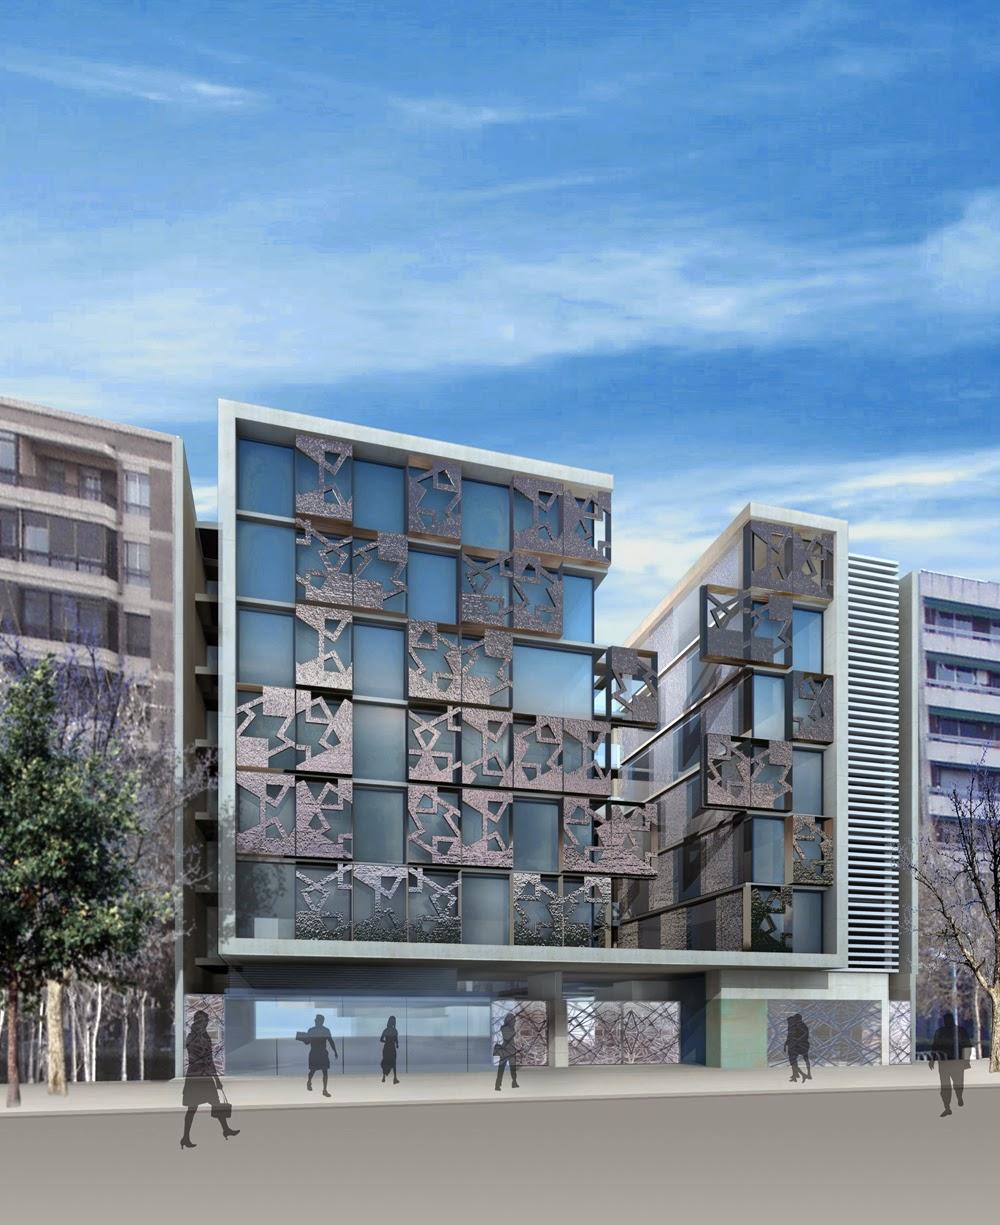 Achefeliz en rlh arquitectos montealto gran capit n c rdoba achefeliz - Arquitectos en cordoba ...